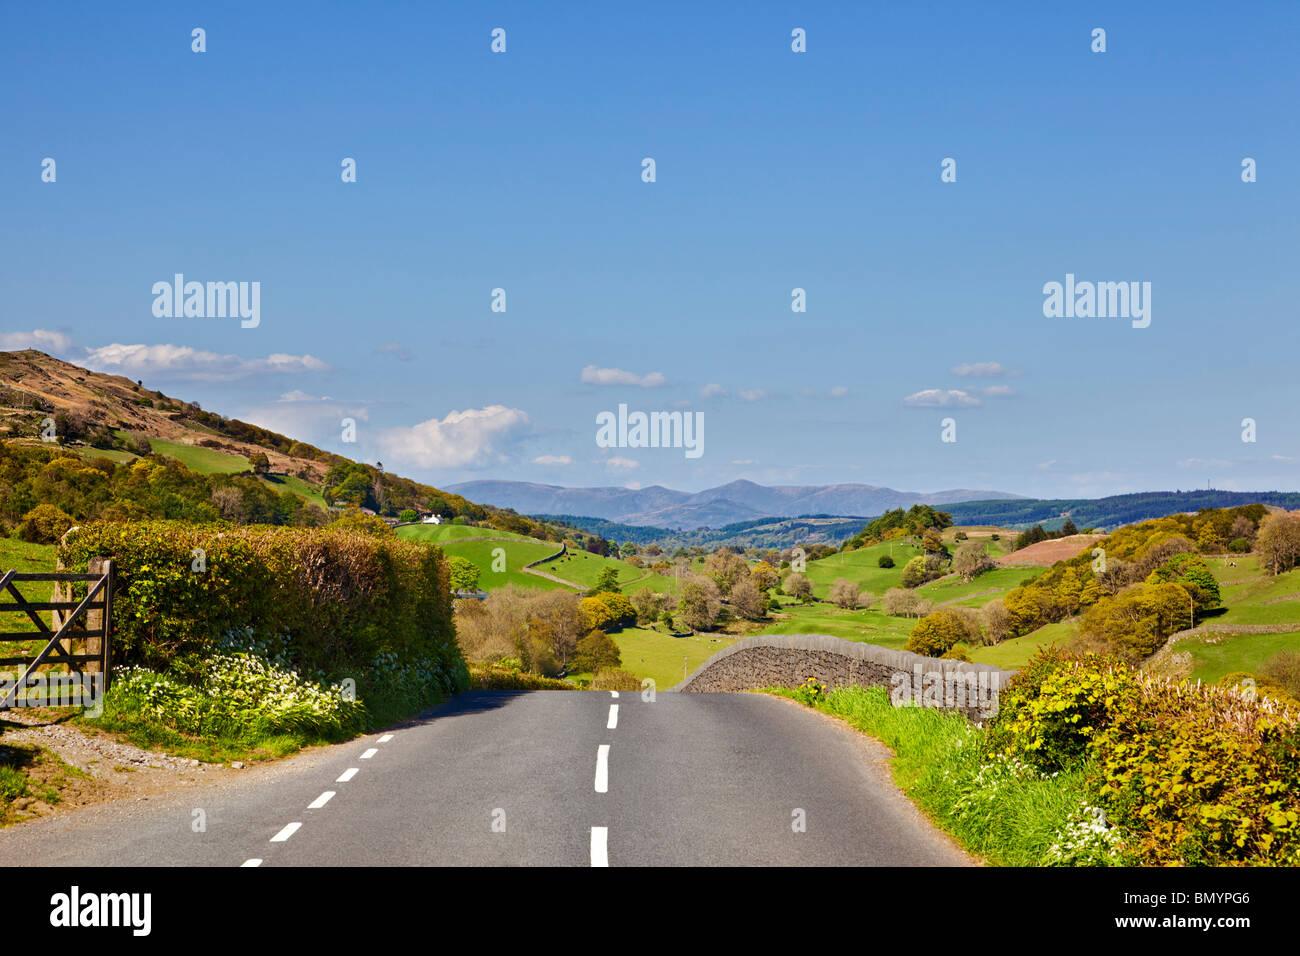 País por carretera, a través de la campiña inglesa hacia el distrito de los lagos de las montañas Imagen De Stock